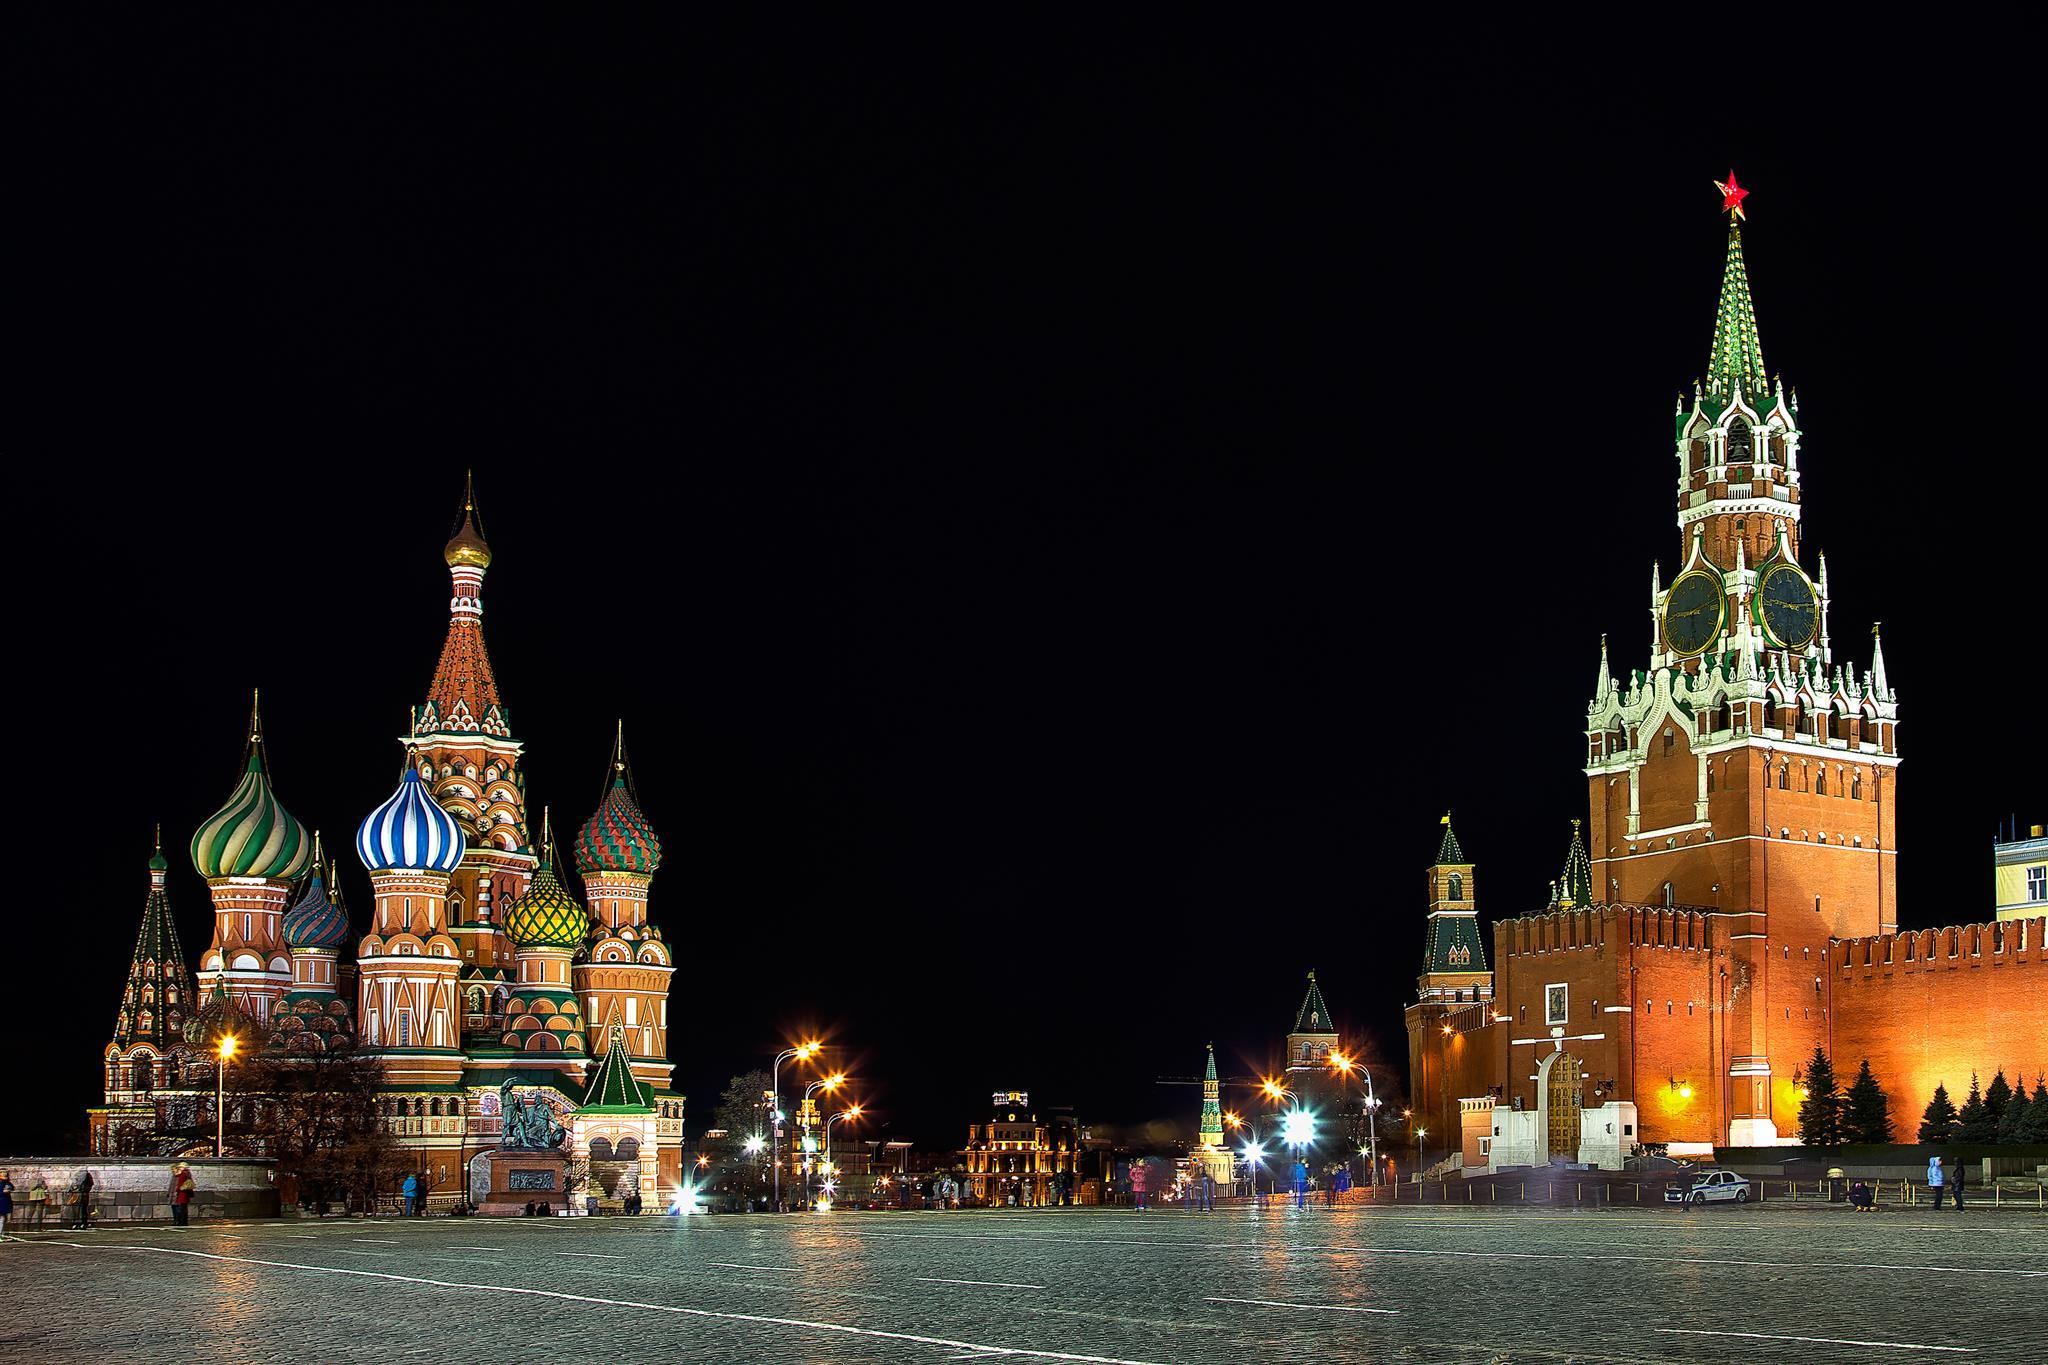 إريكسون وMTS تقدمان خبرات اتصال متنقل عريض النطاق لمحبي كرة القدم خلال كأس العالم في روسيا